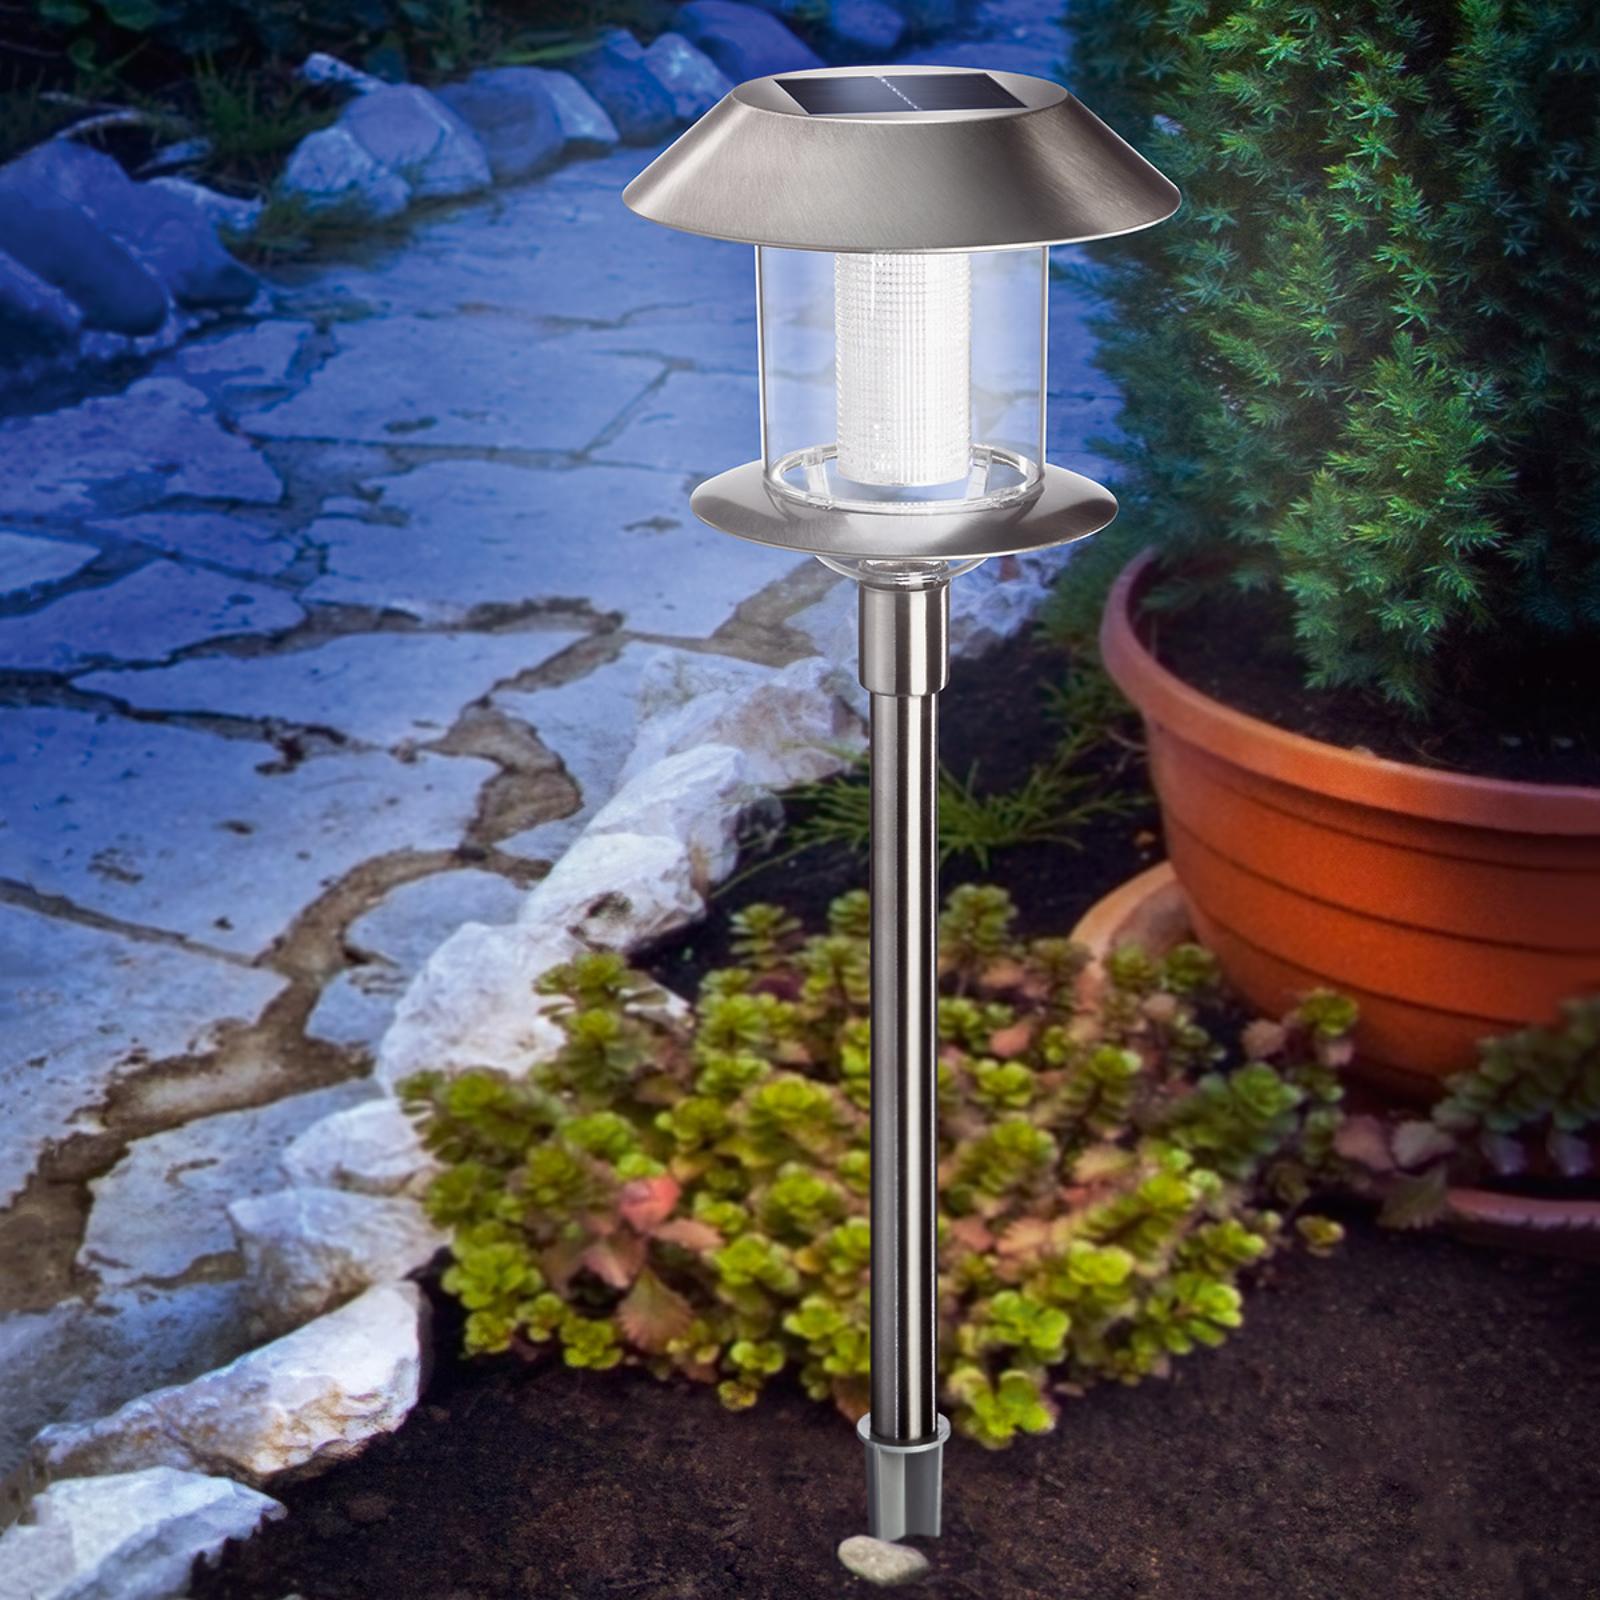 Swing Duo Solar - Lampada solare LED acciaio inox